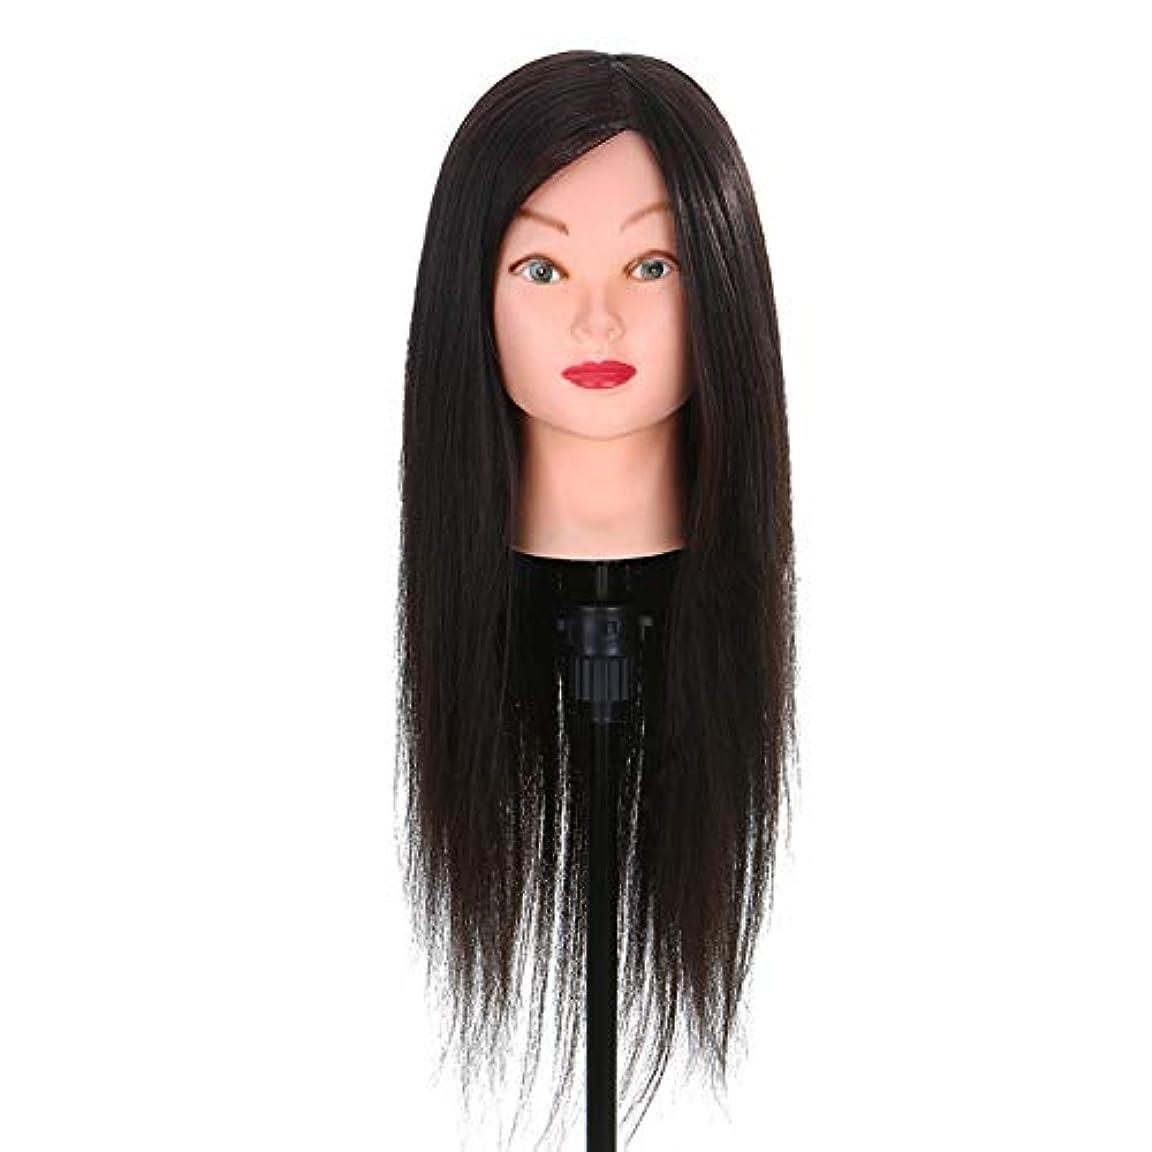 ツーリスト心配精算練習ディスク髪編組ヘアモデル理髪店スクールティーチングヘッドロングかつら美容マネキンヘッドブラケット